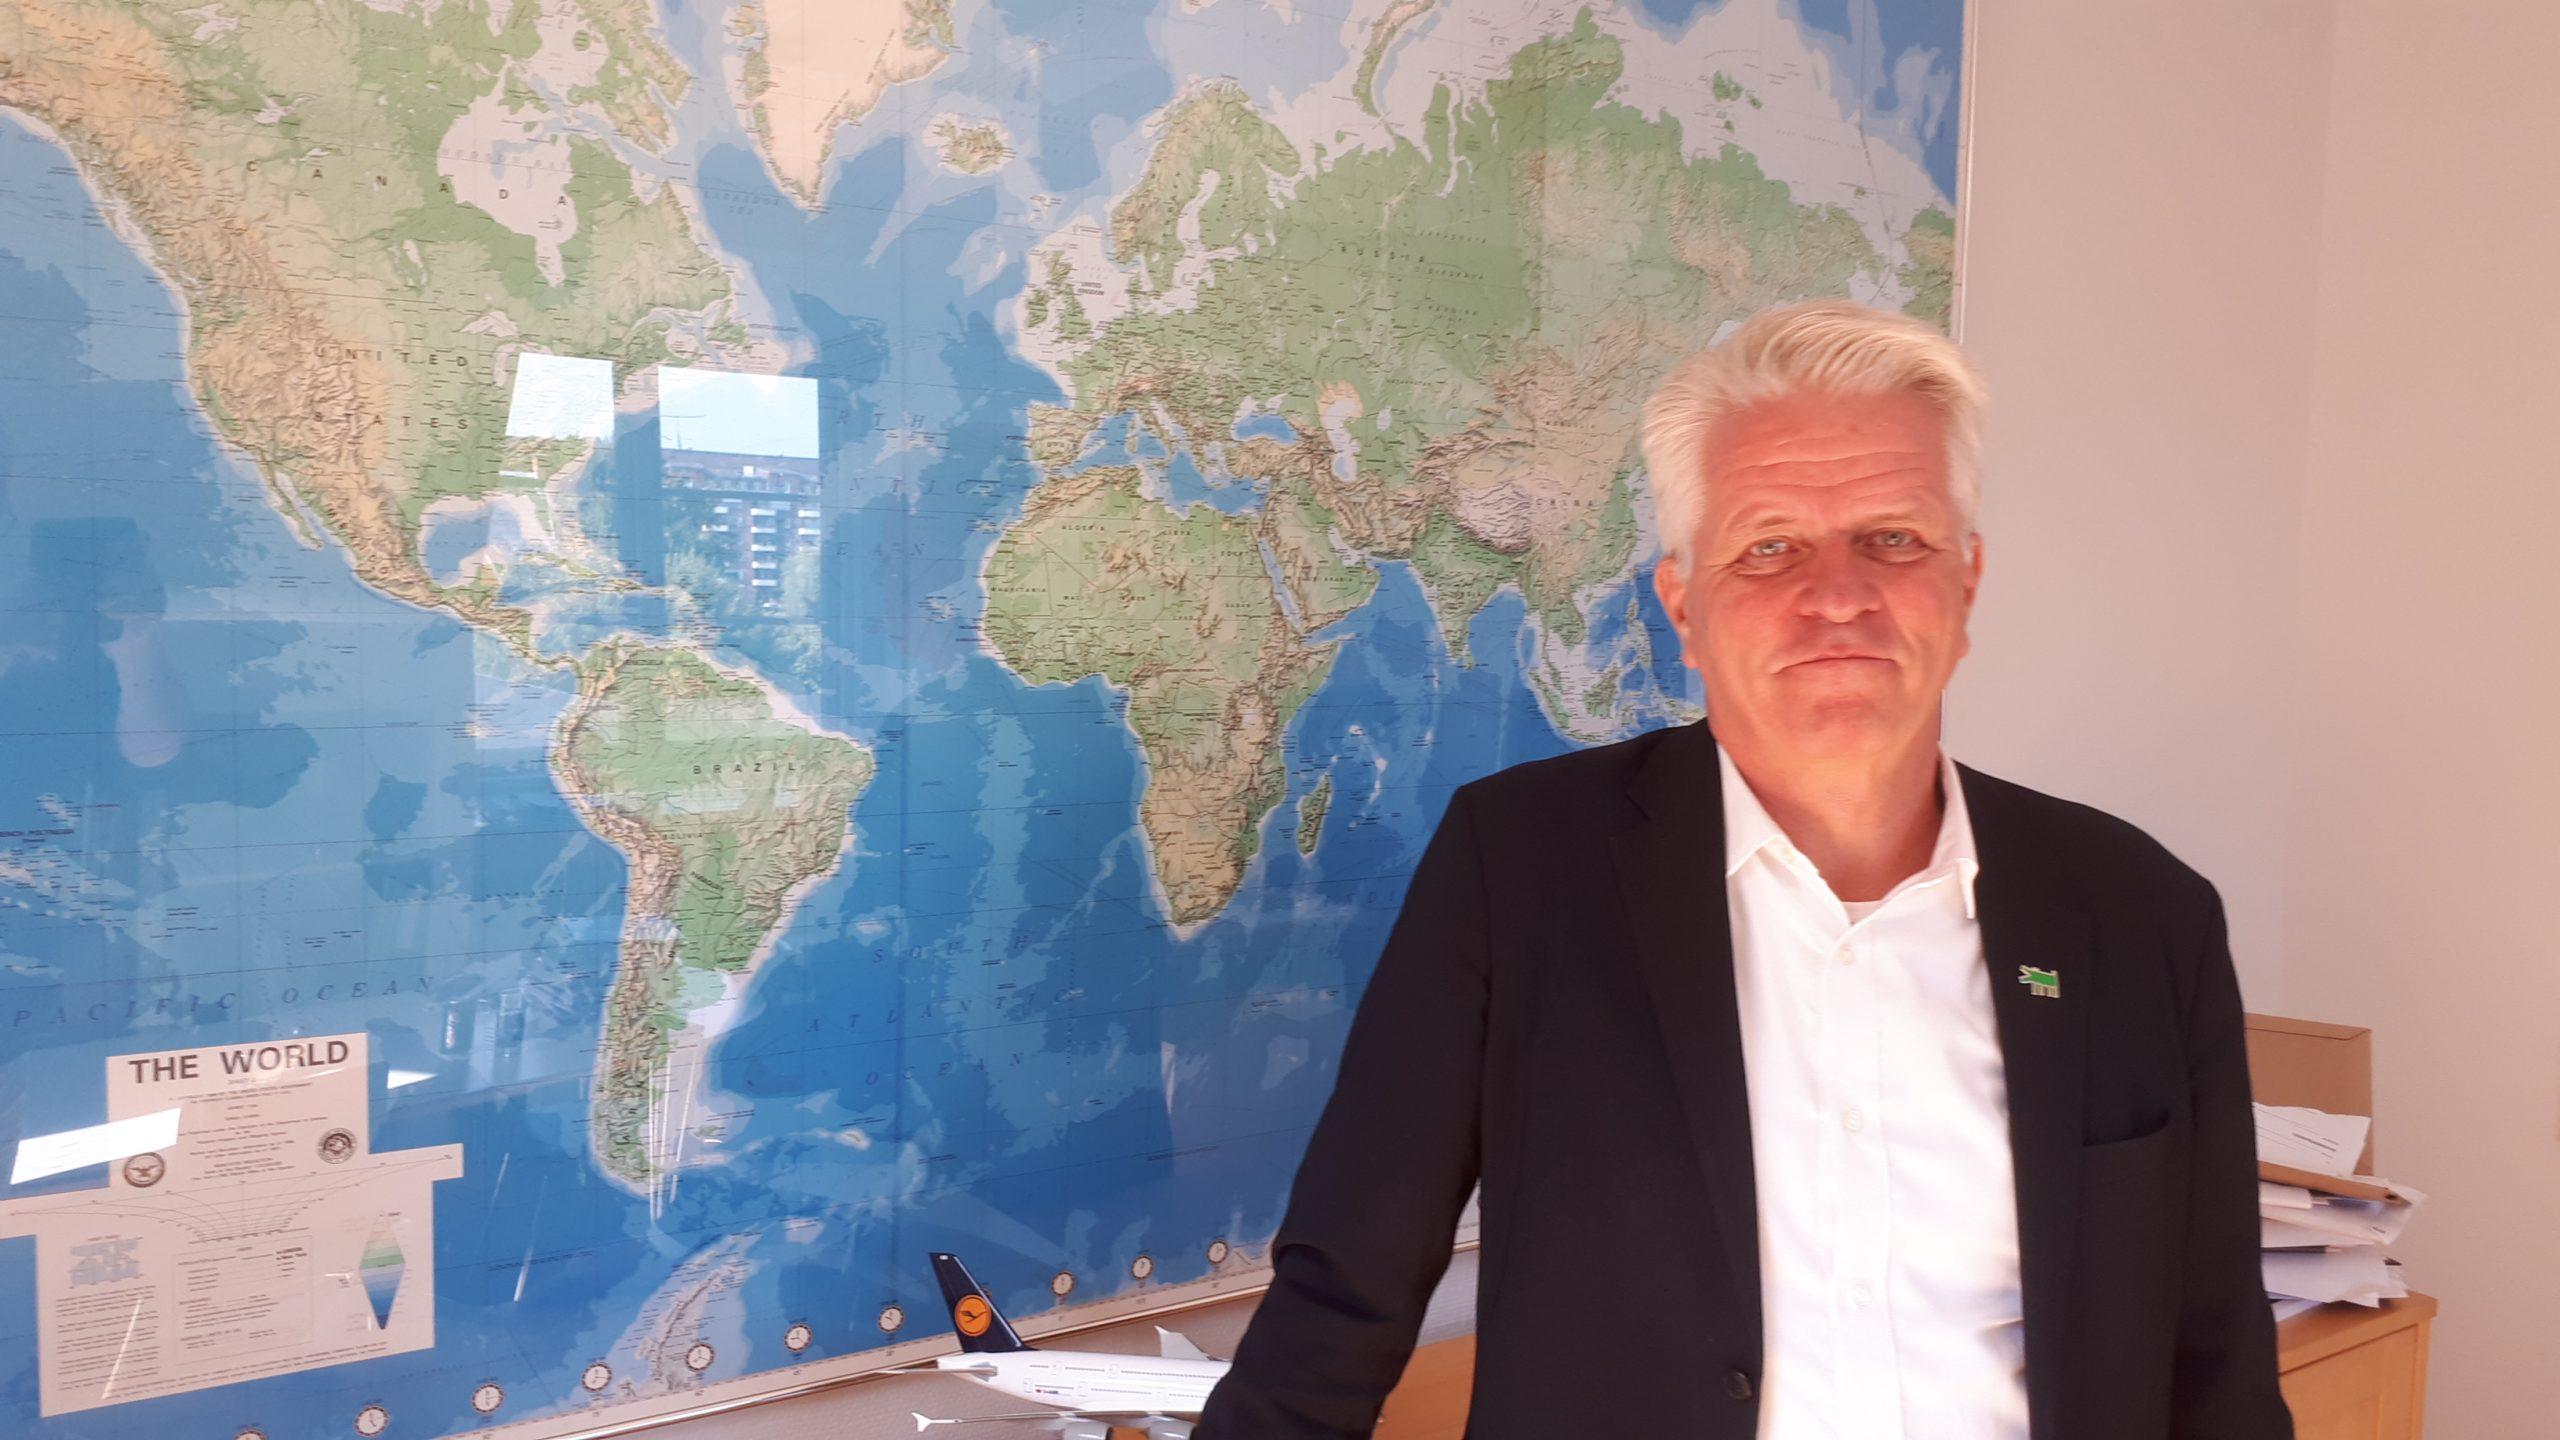 """""""Mit fromme håb er, at vi i december 2021 kan se tilbage på et år, hvor behovet for corona-hjælpepakker forsvandt, hvor danske rejsebureauer igen fik mulighed for at gennemføre en meget stor del af deres pakkerejser og hvor vi arbejdede os frem mod """"den nye rejsenormal,"""" skriver Lars Thykier i sin nytårskommentar. Foto: Henrik Baumgarten."""